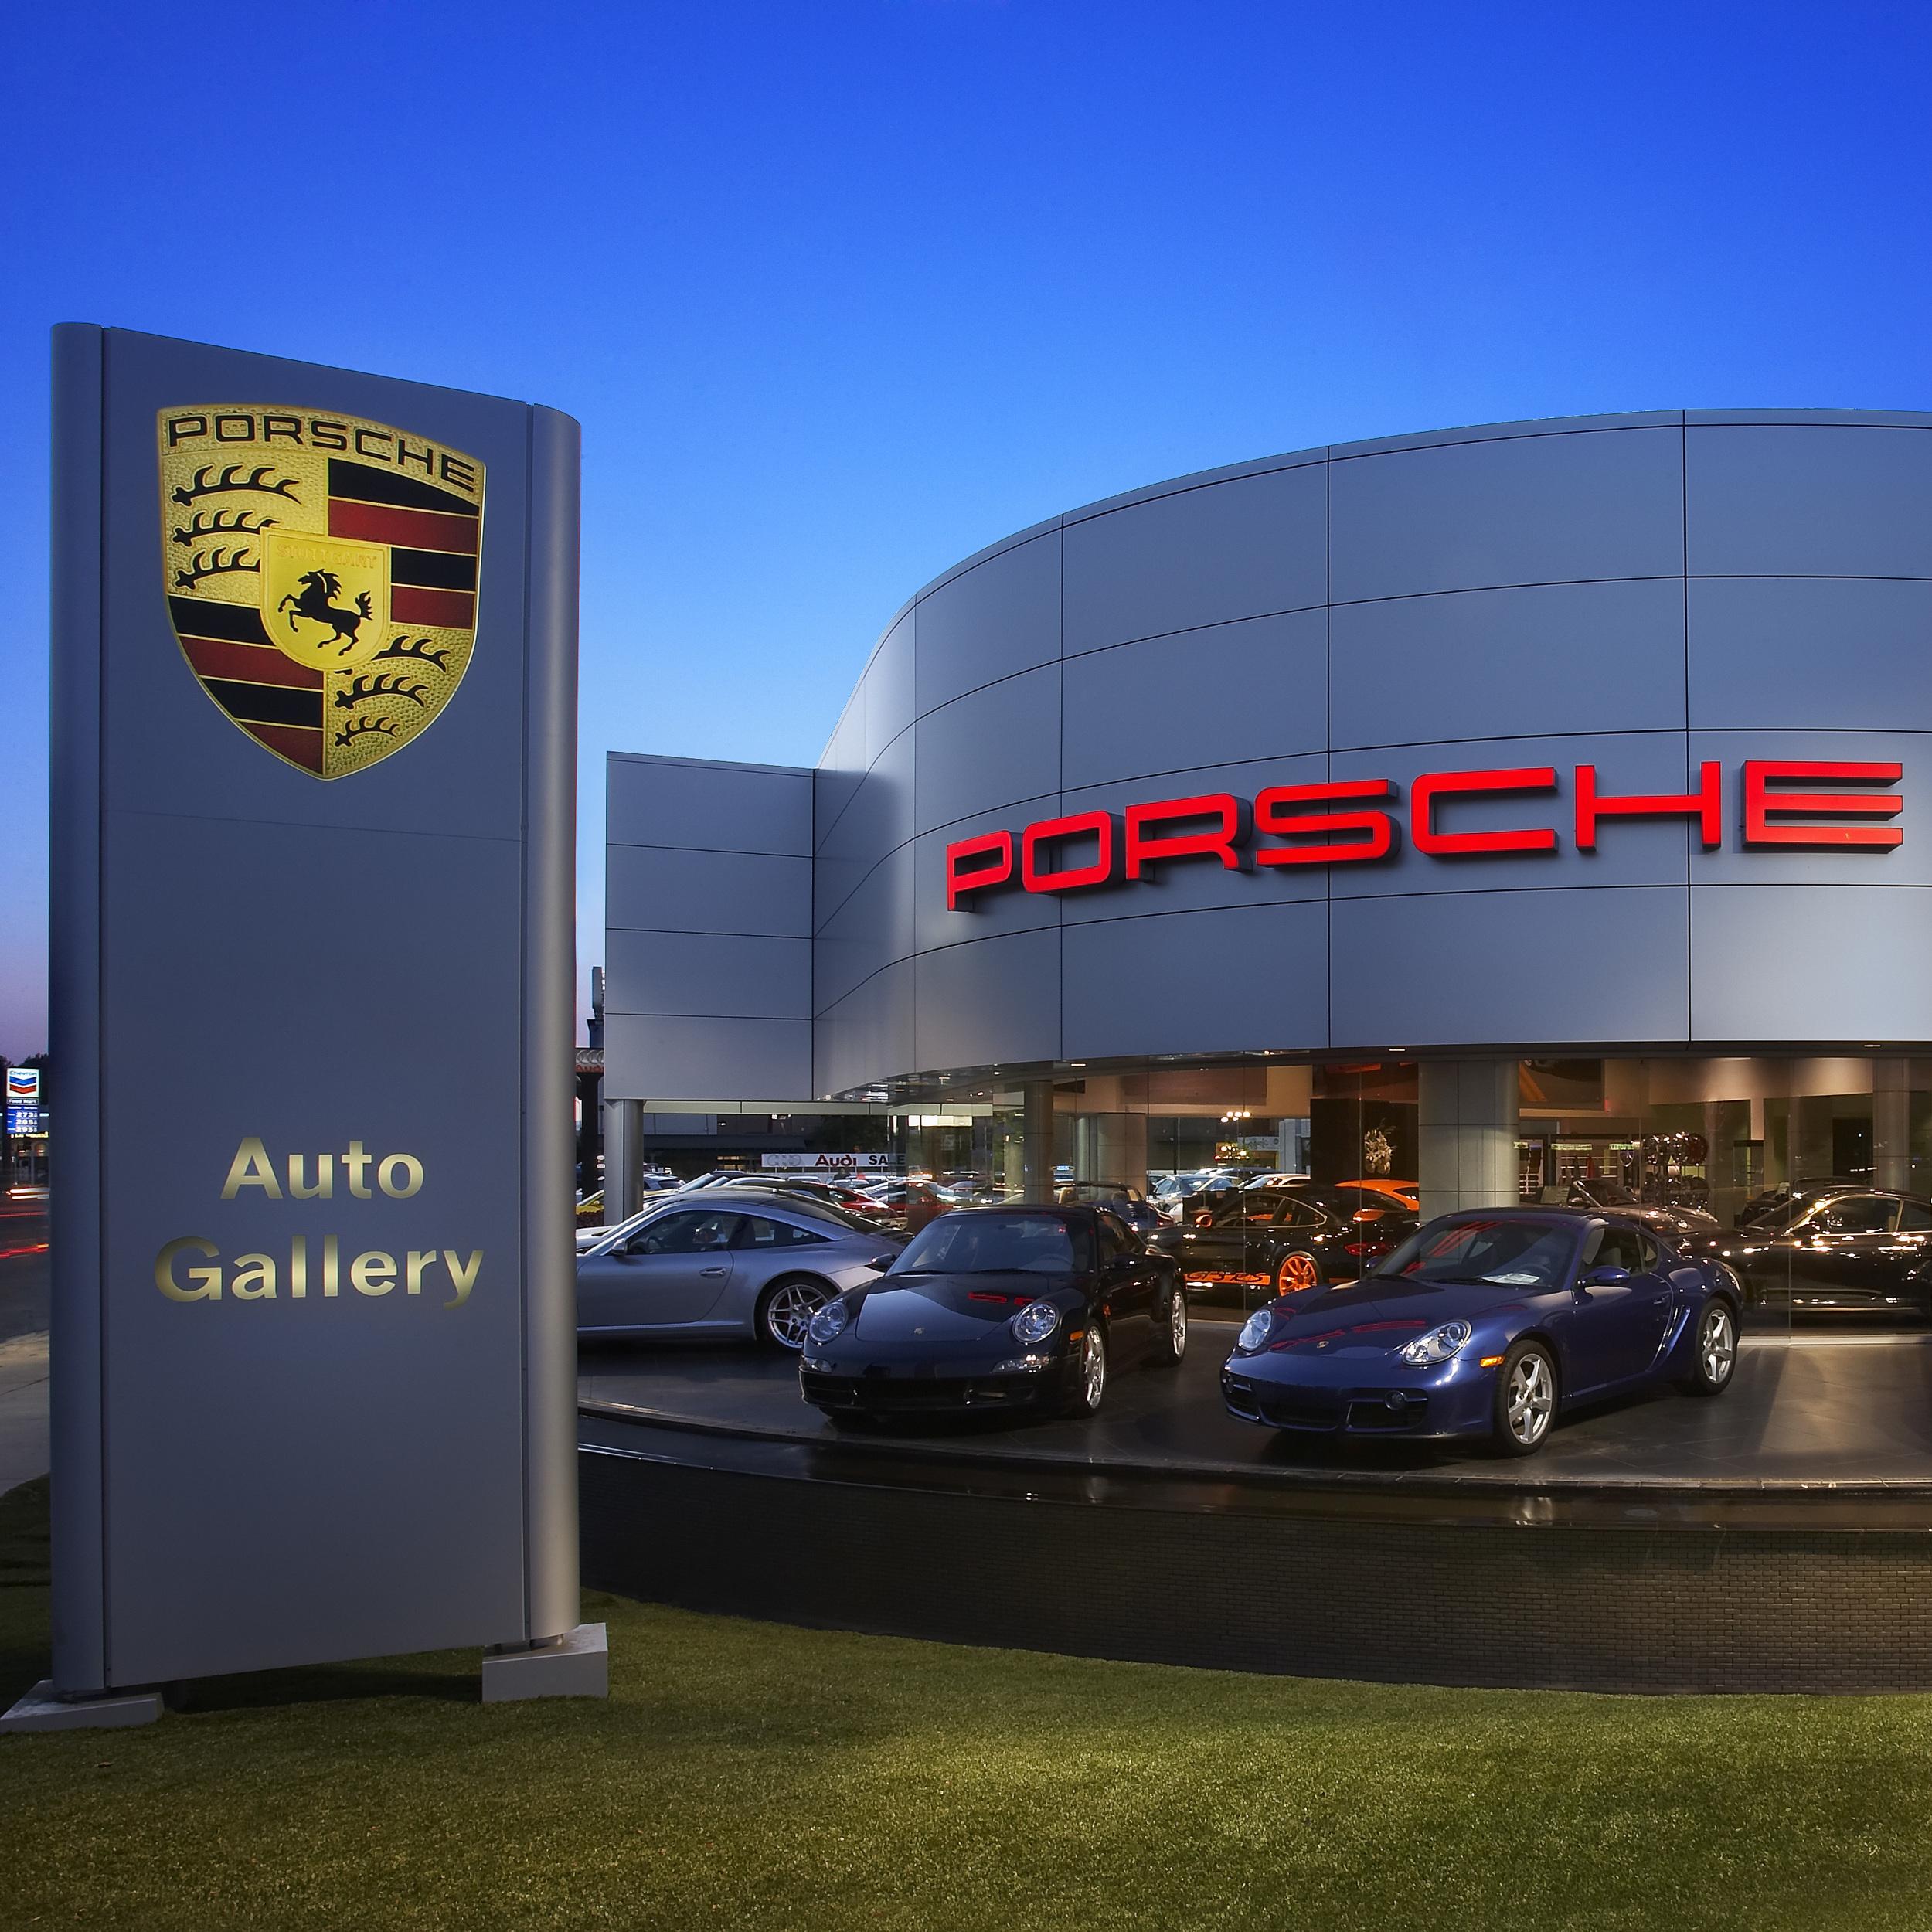 Auto Gallery Porsche